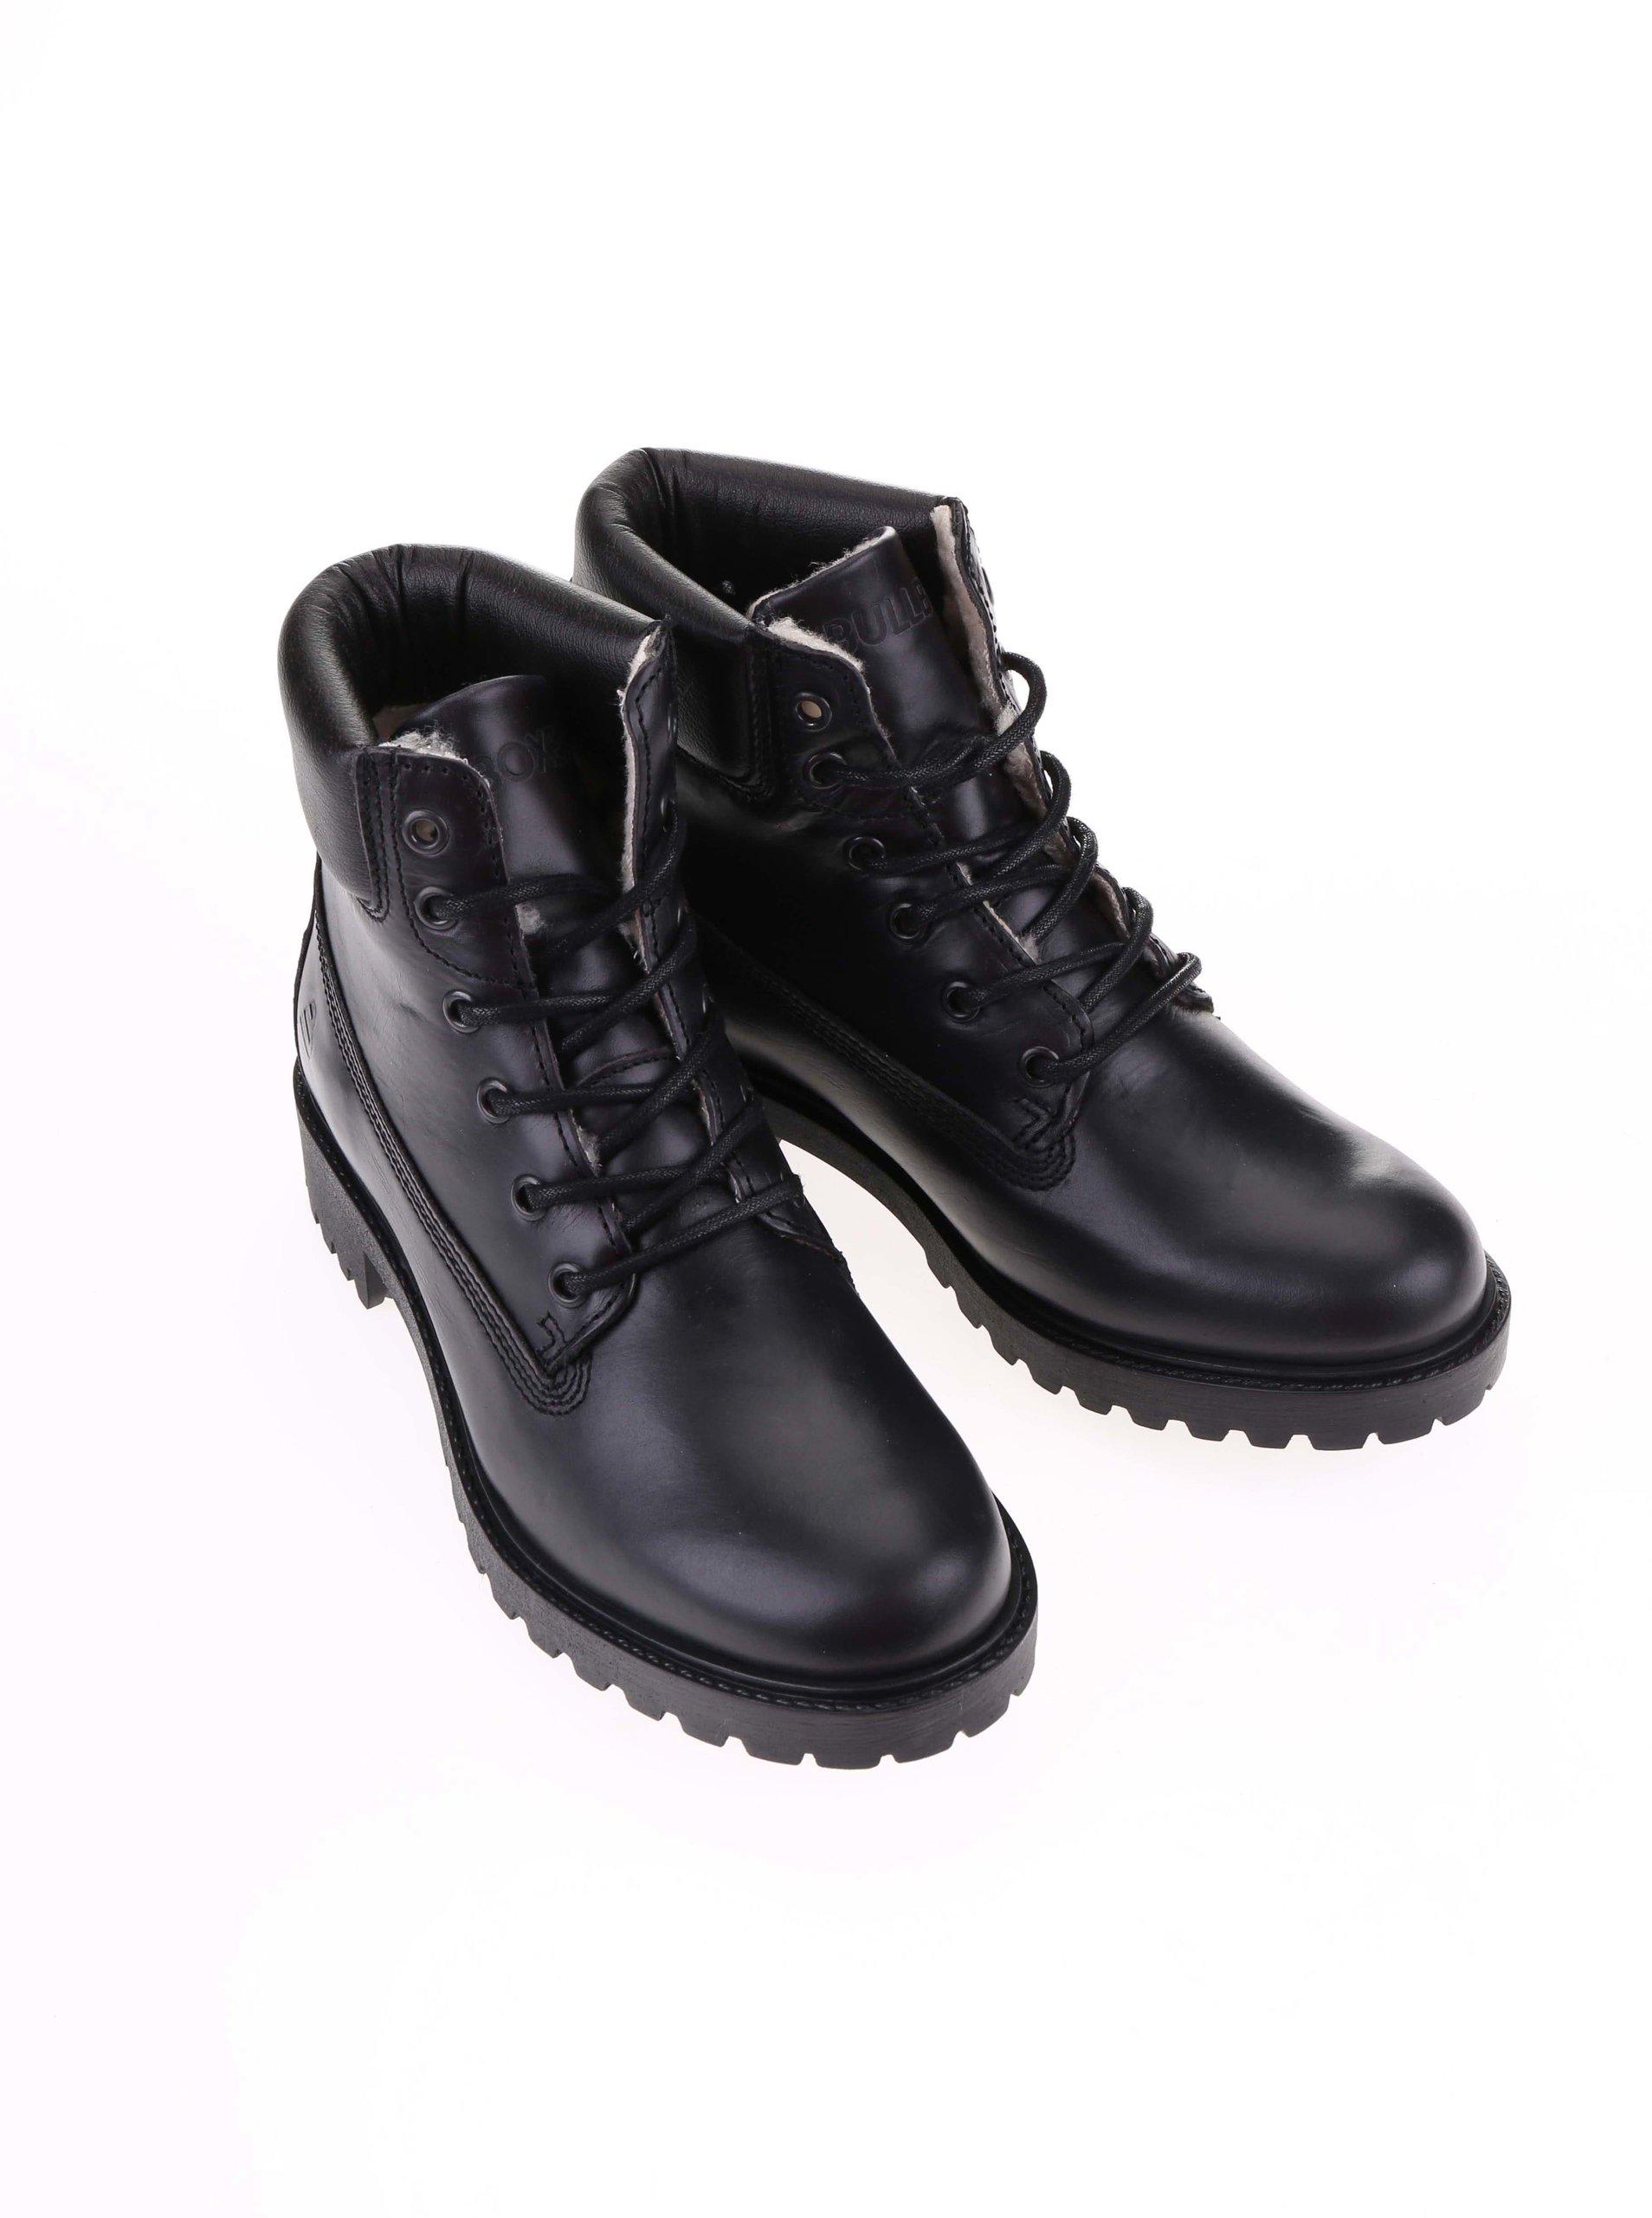 fa0ff9aab959 Čierne dámske kožené šnurovacie topánky s vnútornou kožušinkou Bullboxer ...